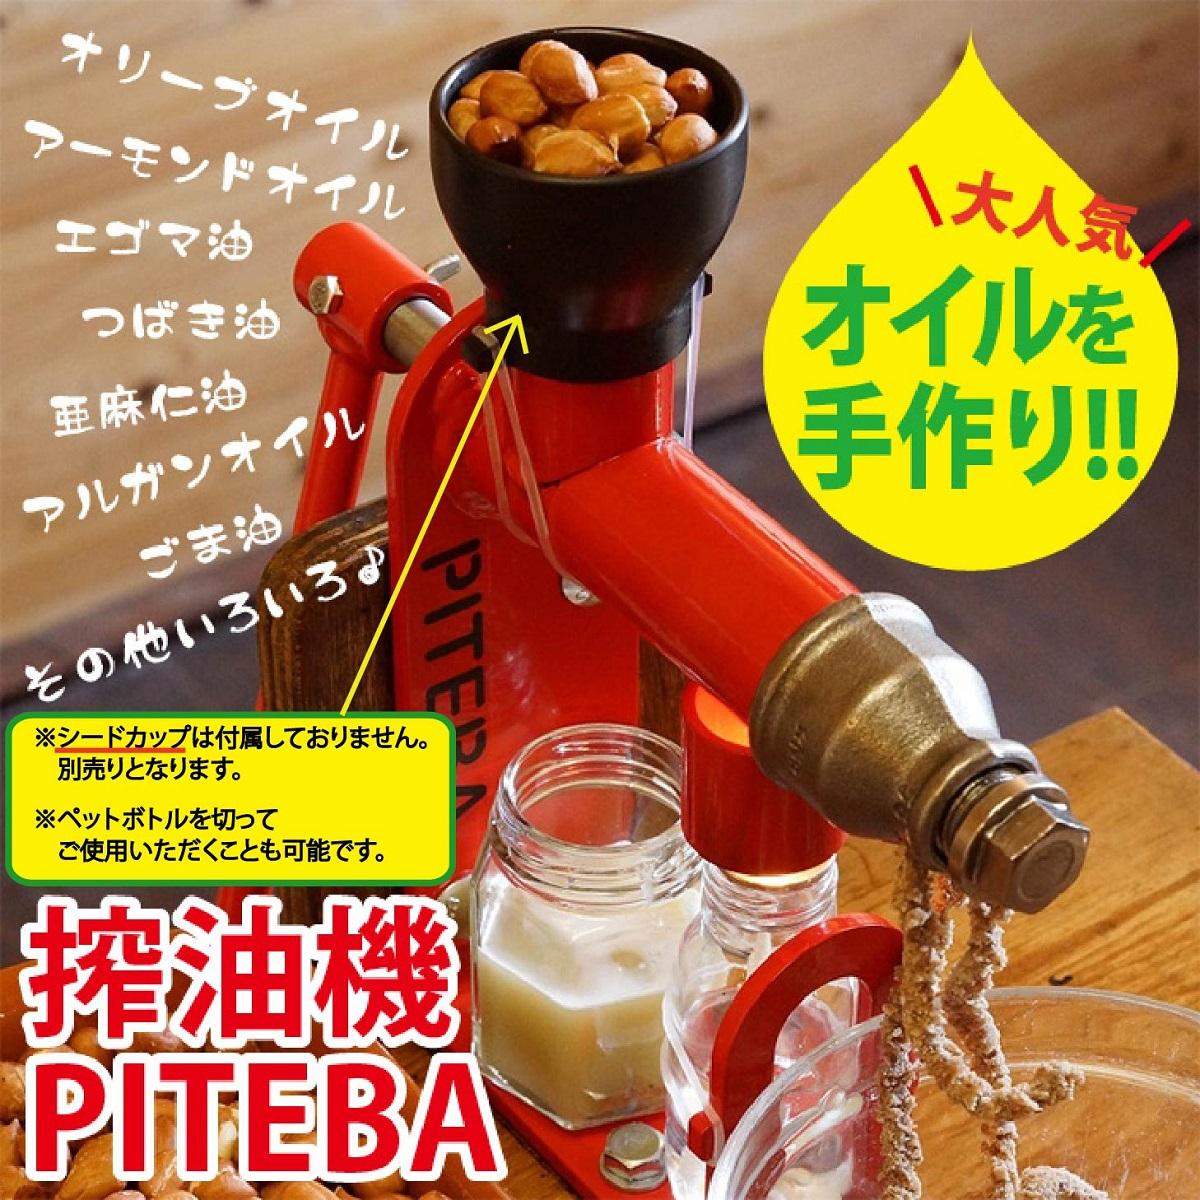 【人気】PITEBA 手動式 『オイル搾り機』NHK BSプレミアム『晴れ、ときどきファーム!』で紹介!家庭用 搾油機 オイル 絞り器 卓上 油絞り器 キッチン用品 贈り物 プレゼント ギフト 【送料無料】